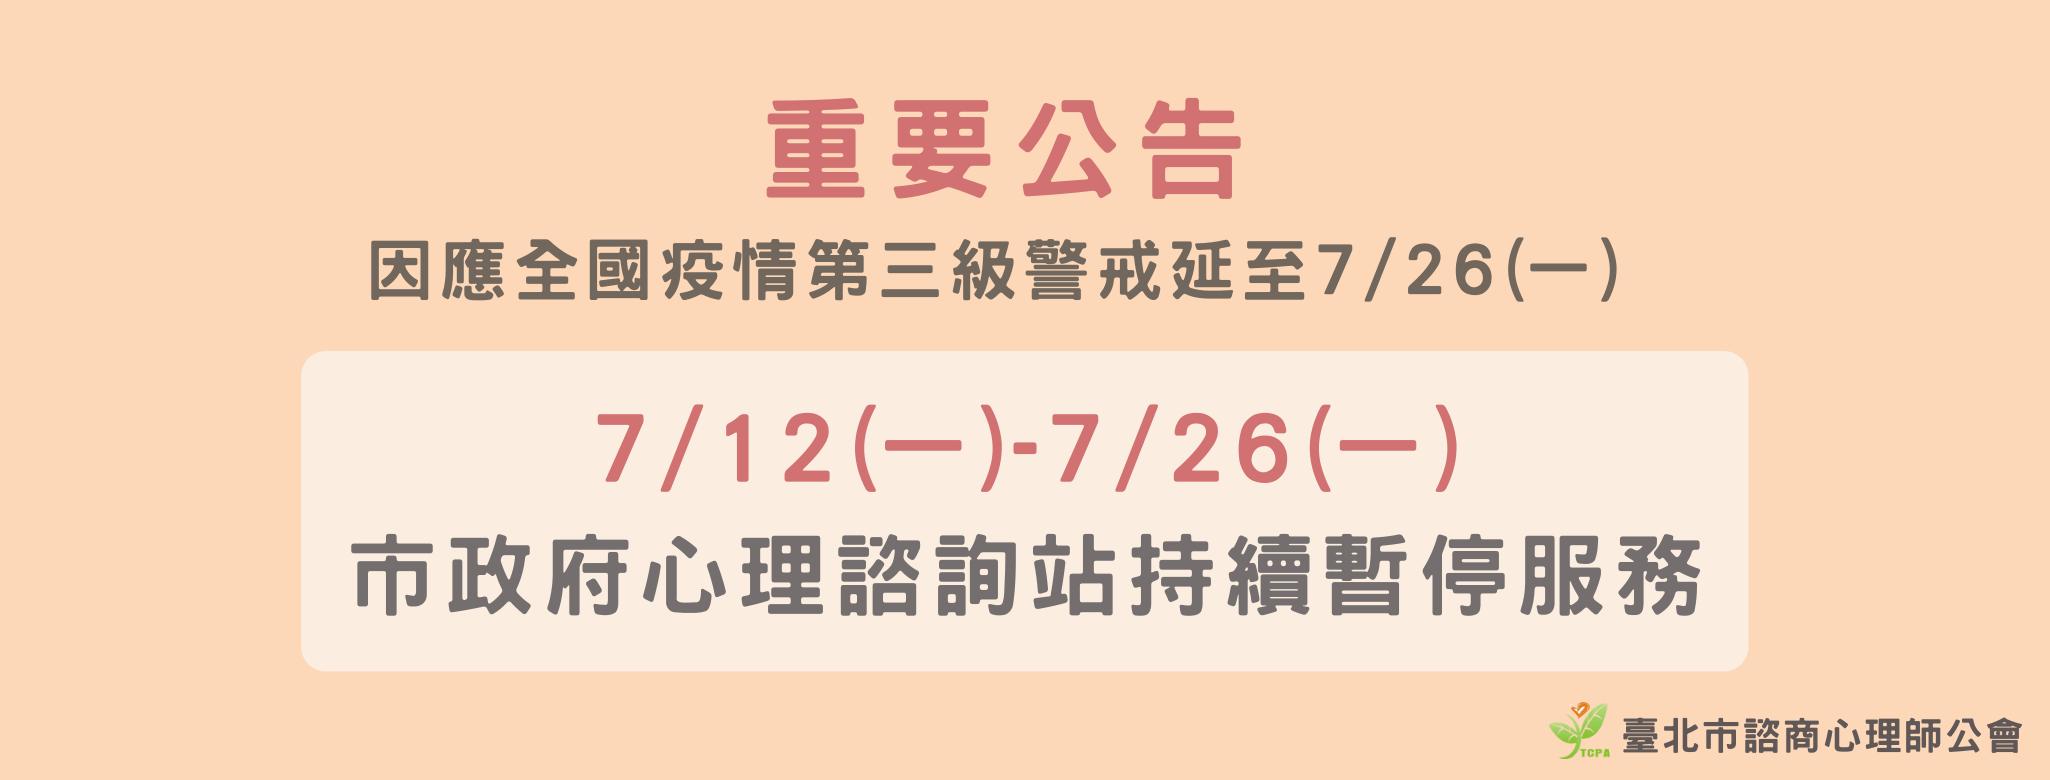 【重要公告】臺北市政府市民心理諮詢站暫停服務至7/26